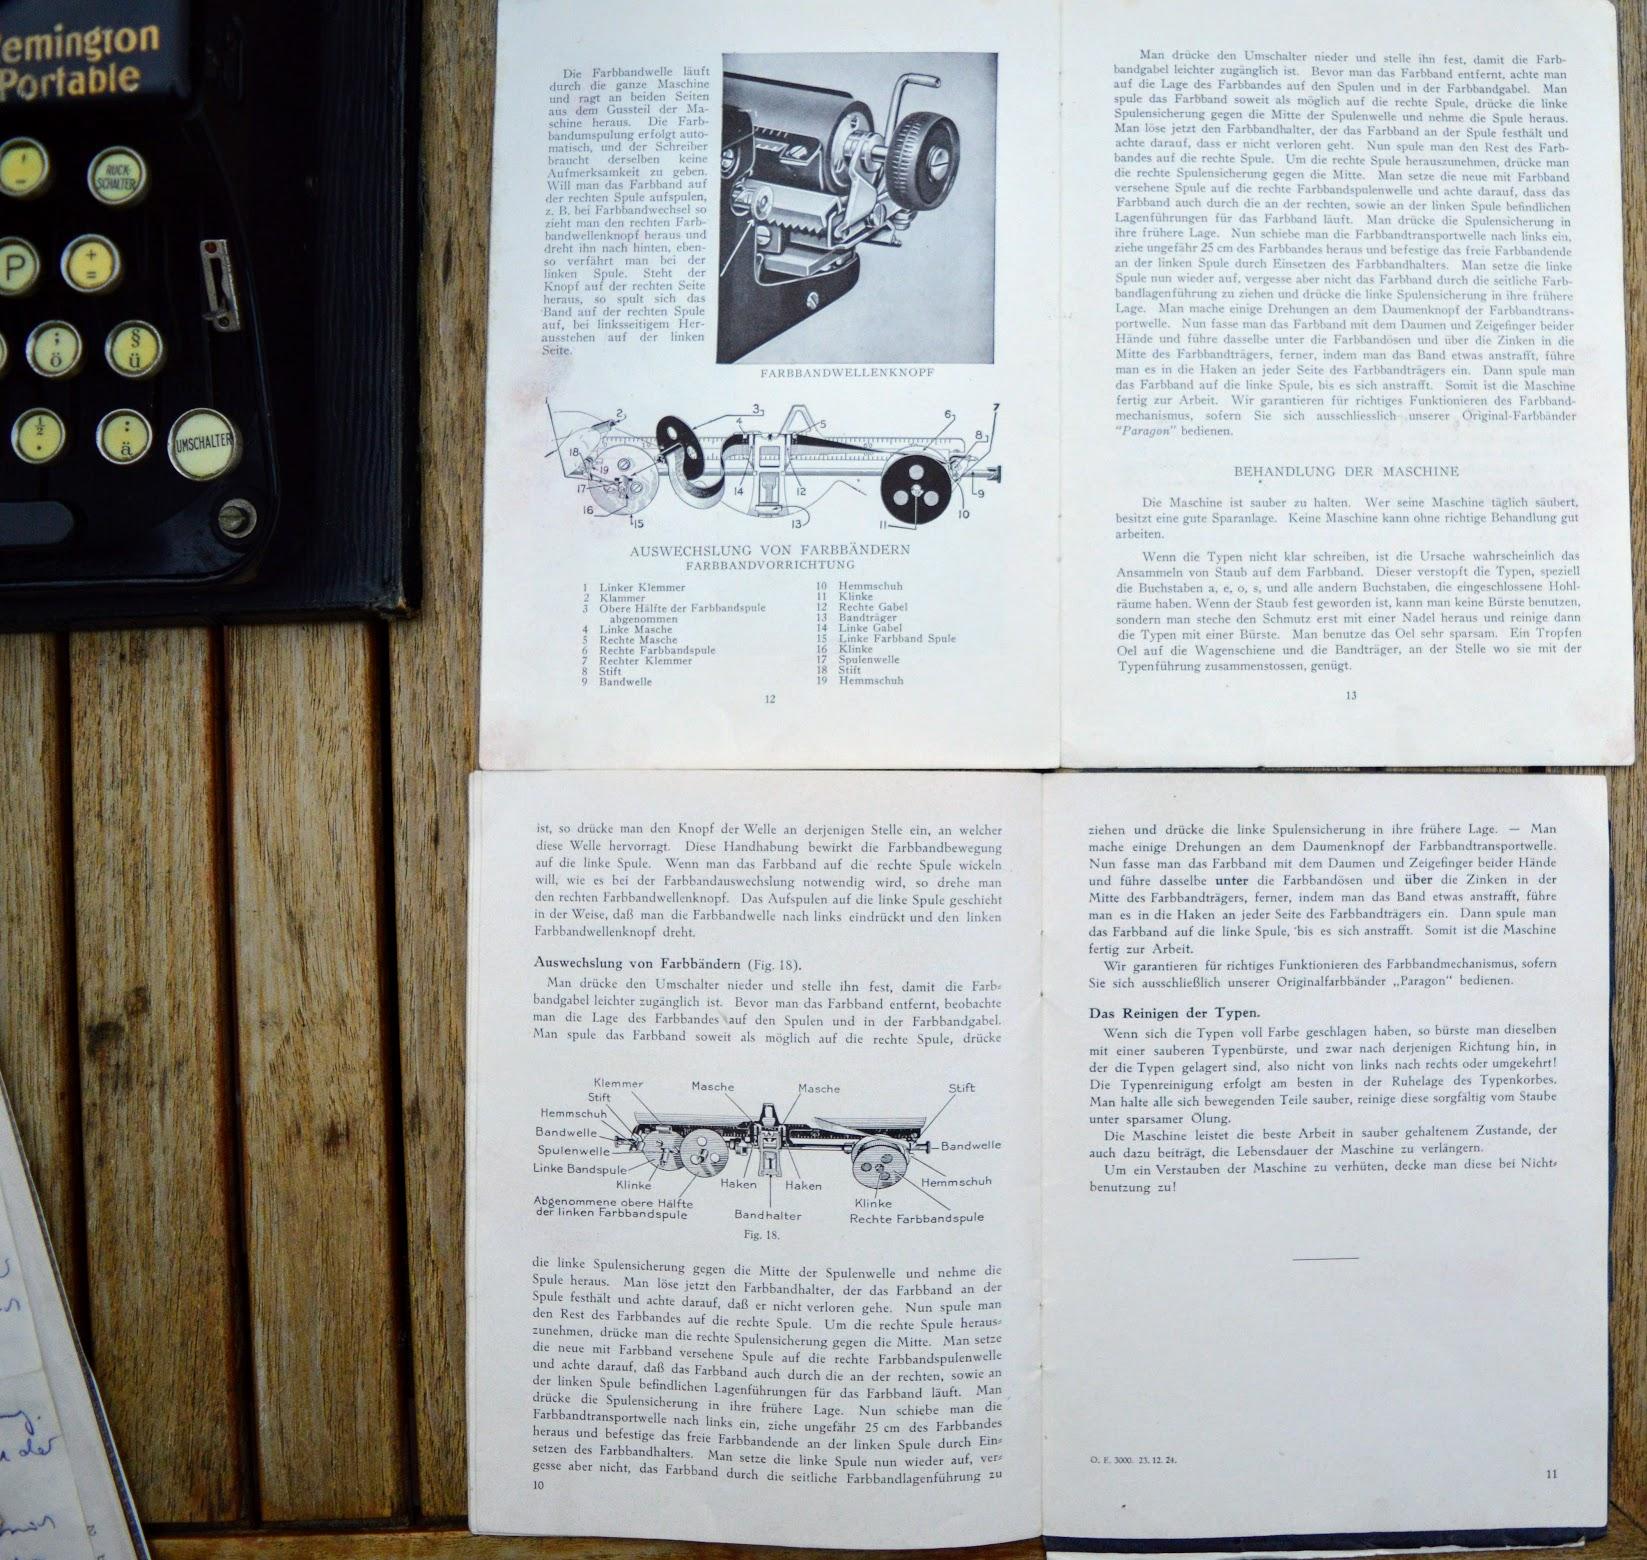 Remington Portable - Gebrauchsanweisungen